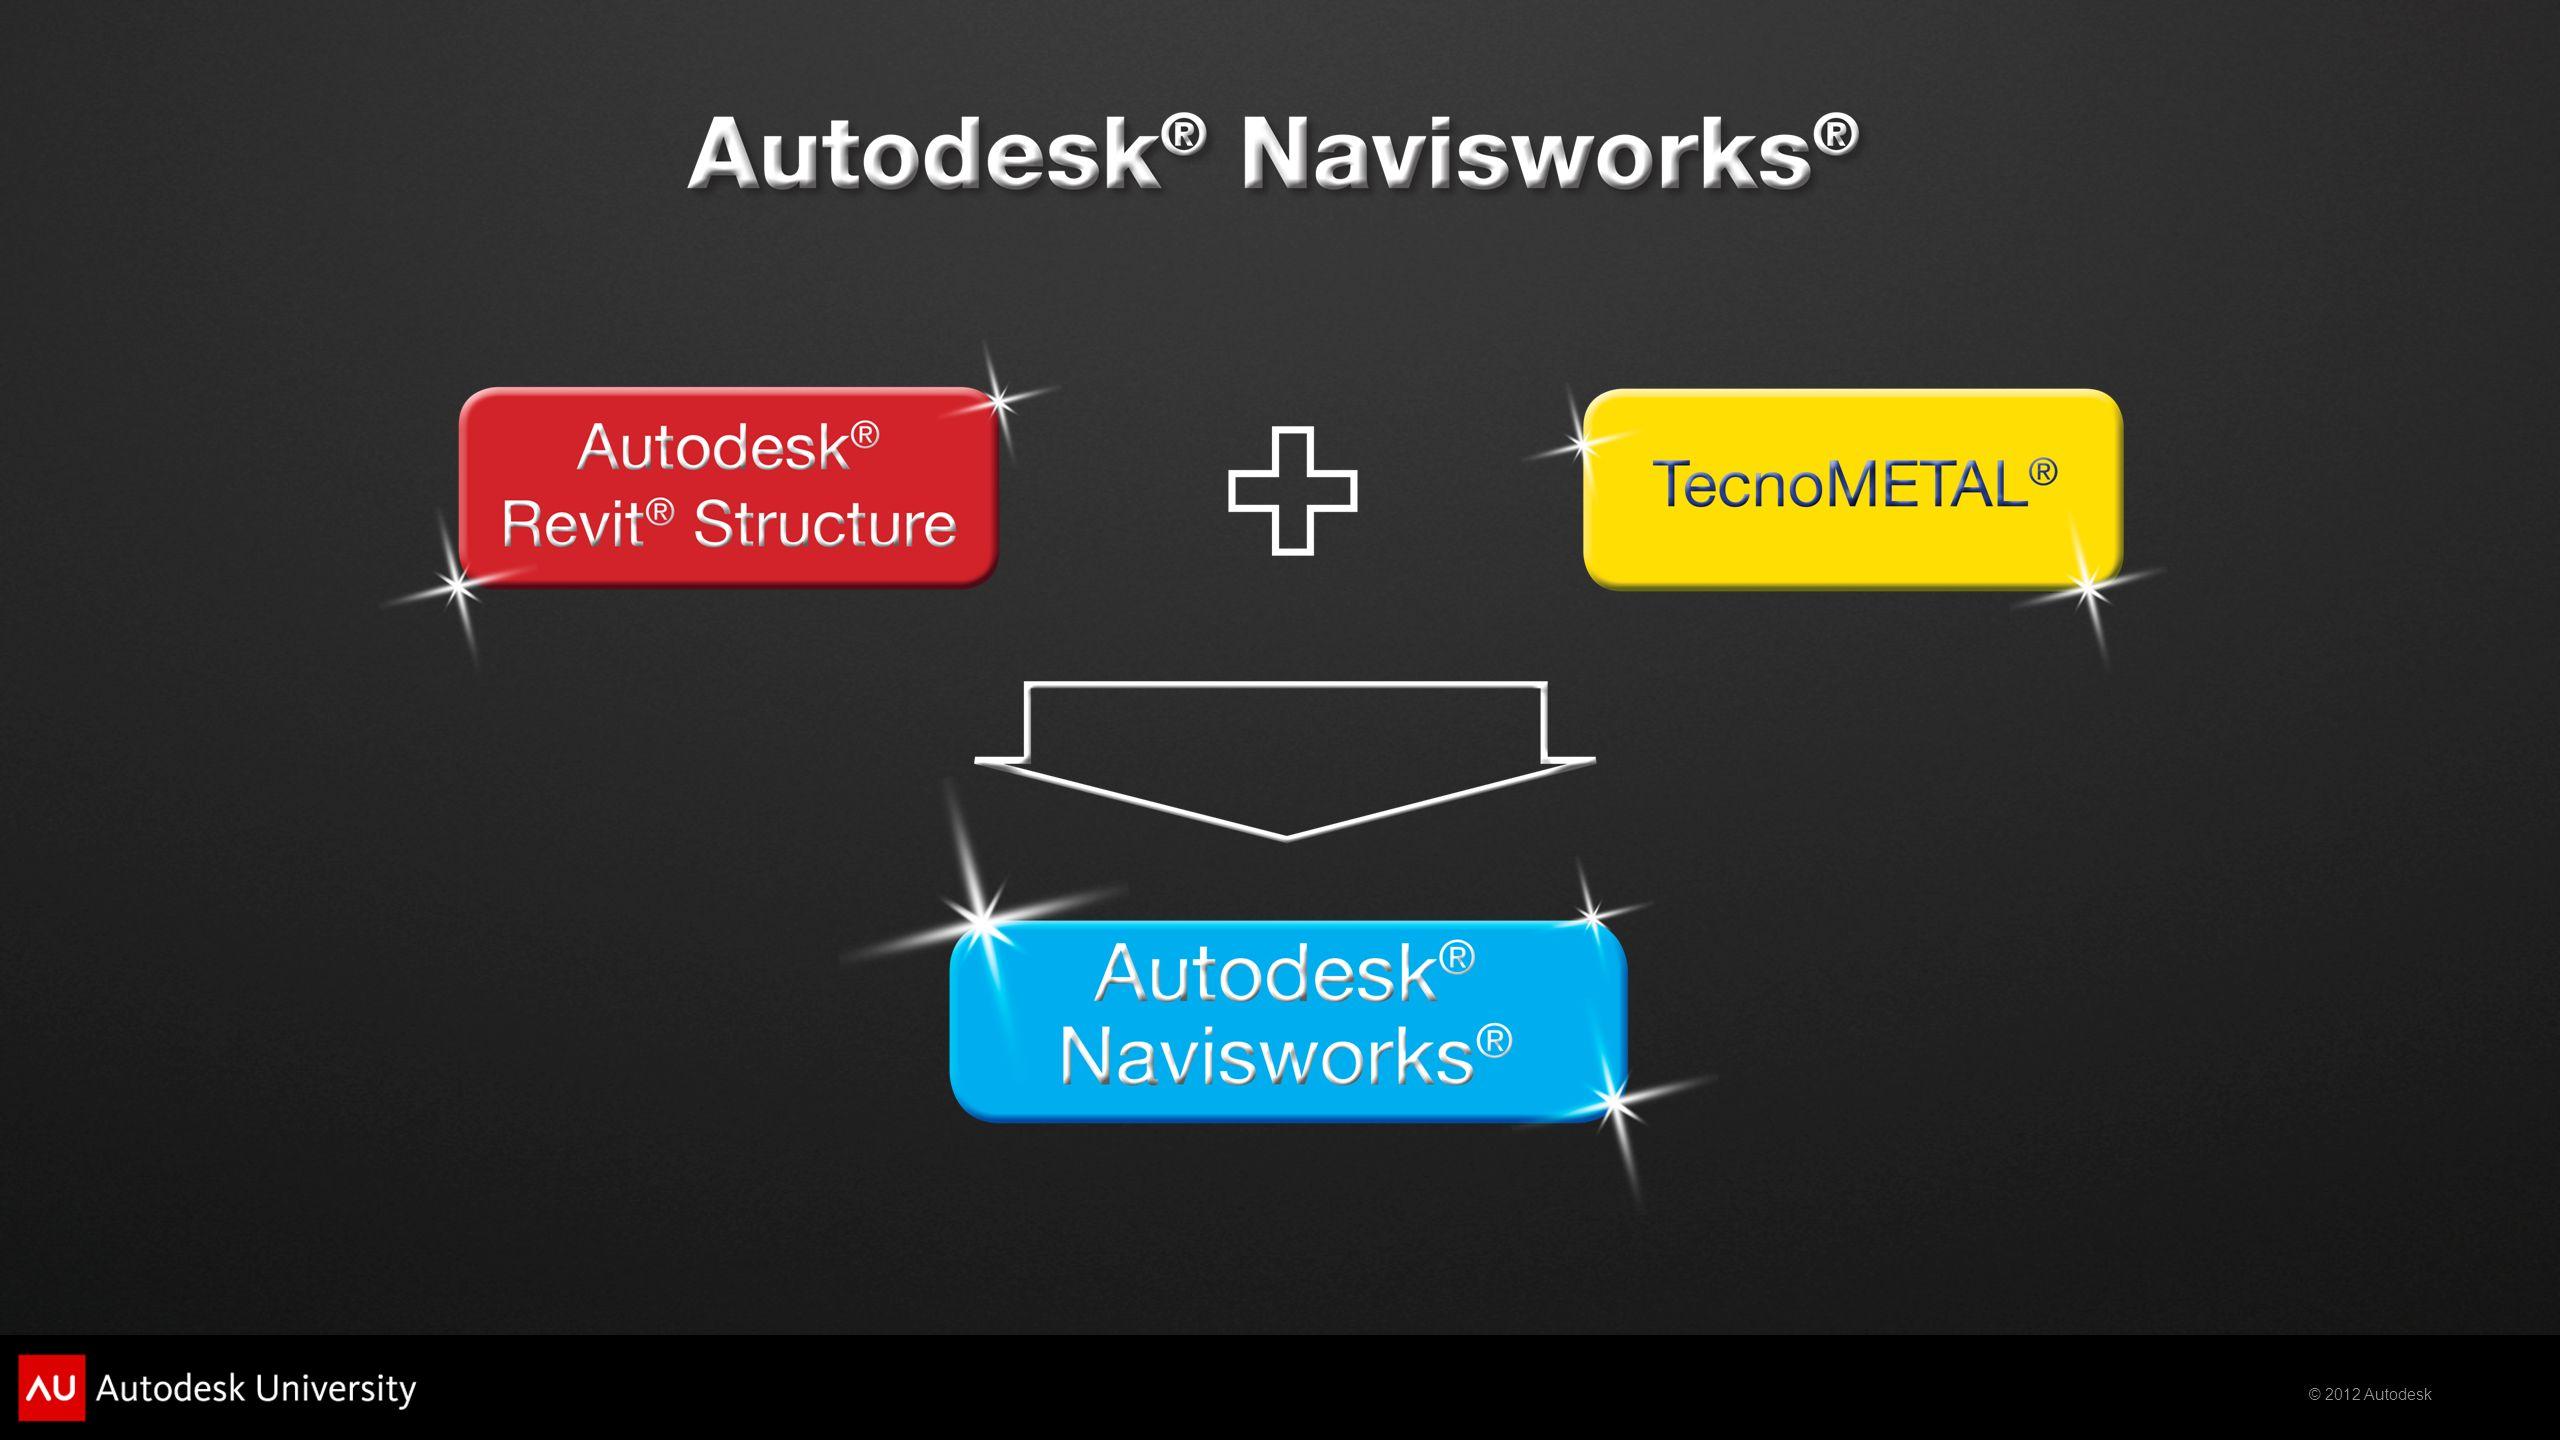 Exportar modelos 3D e informações de TecnoMETAL para Autodesk ®Naviswork® a fim de serem utilizados na obra.